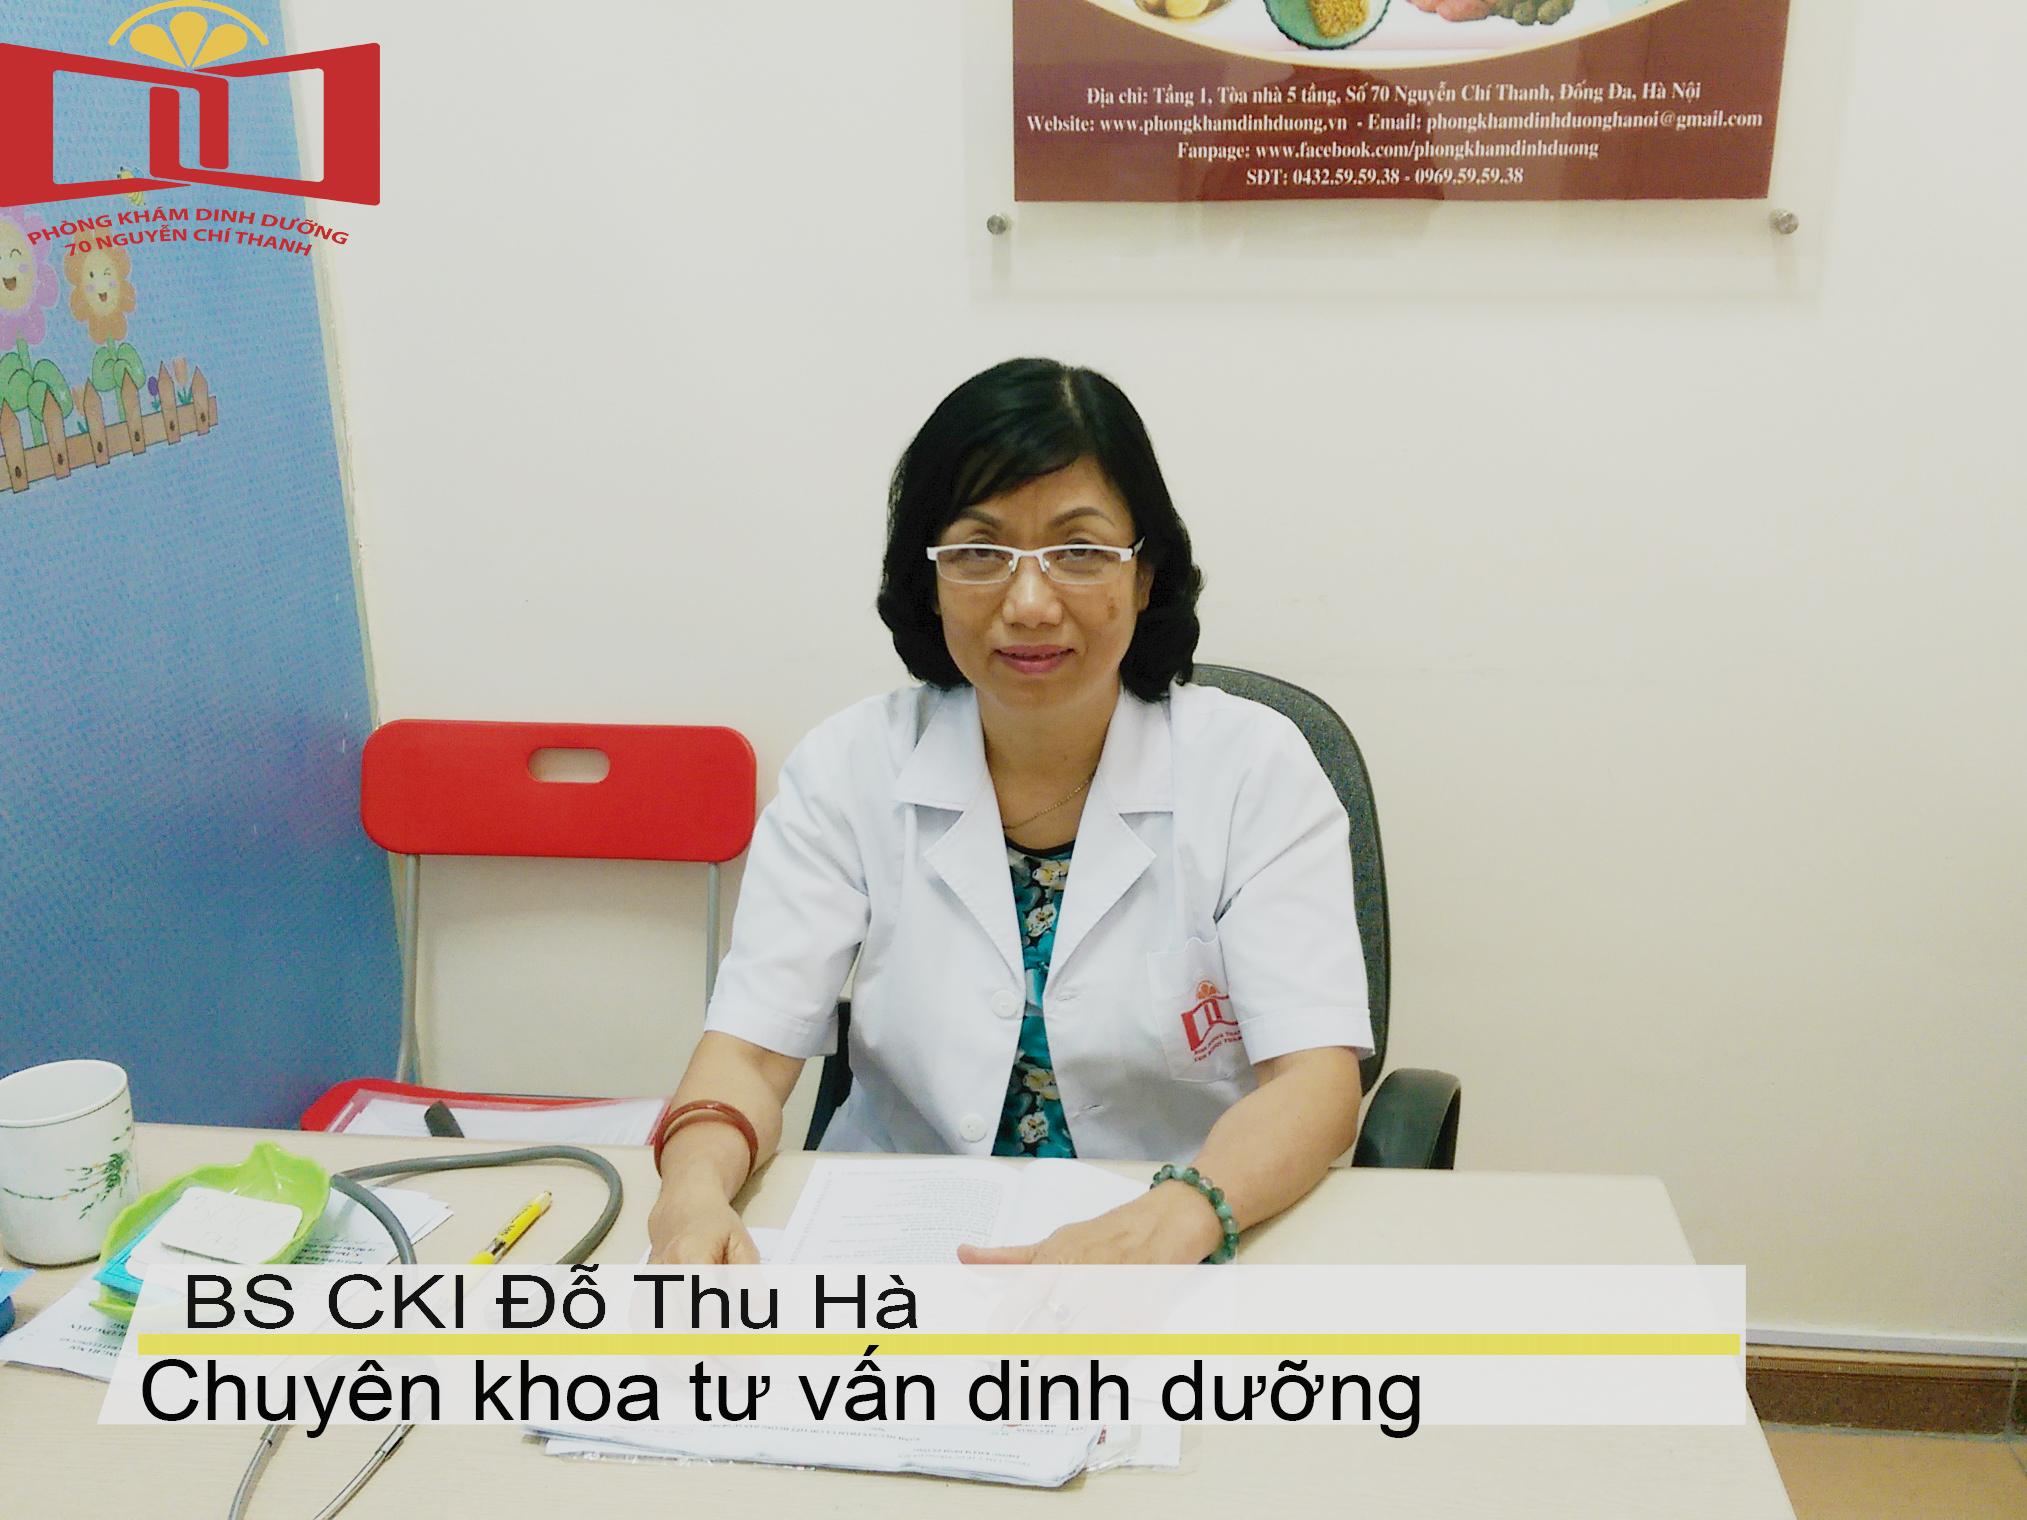 Bác sĩ CKI Đỗ Thu Hà